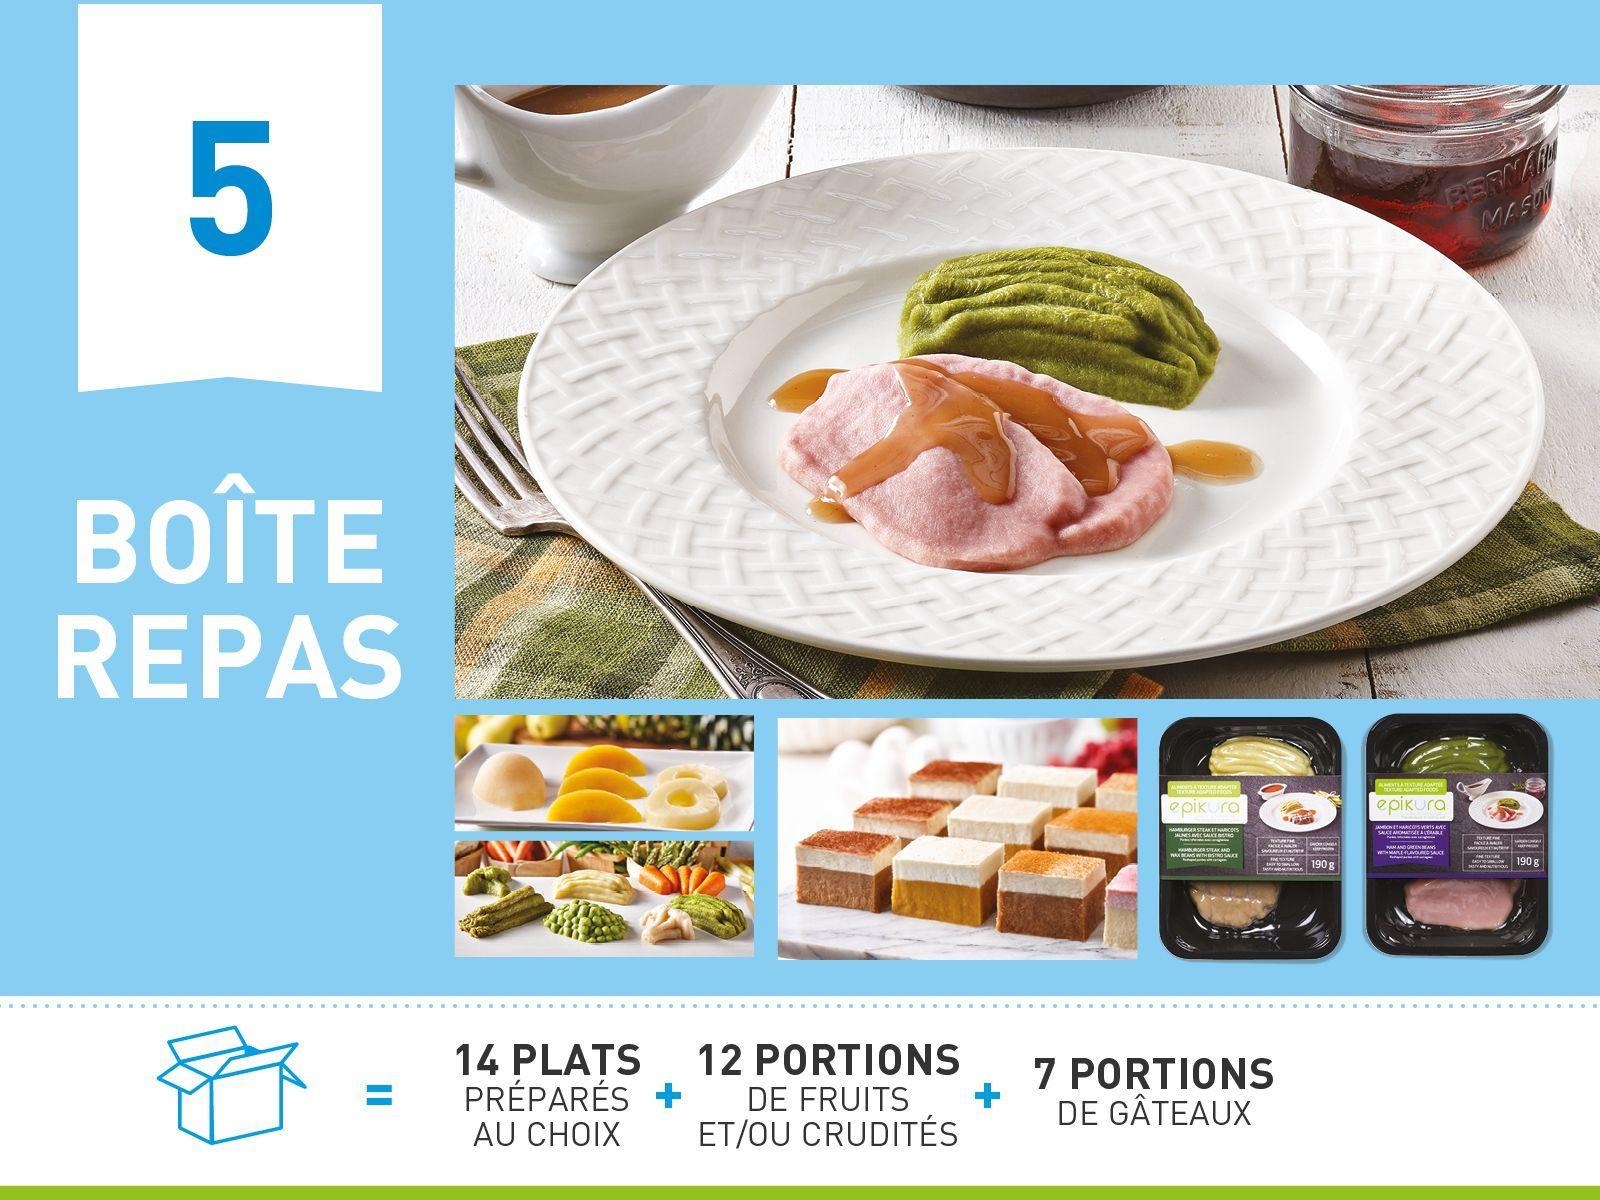 Boîte repas #5  ALIMENTS À TEXTURE ADAPTÉE ET SÉCURITAIRE